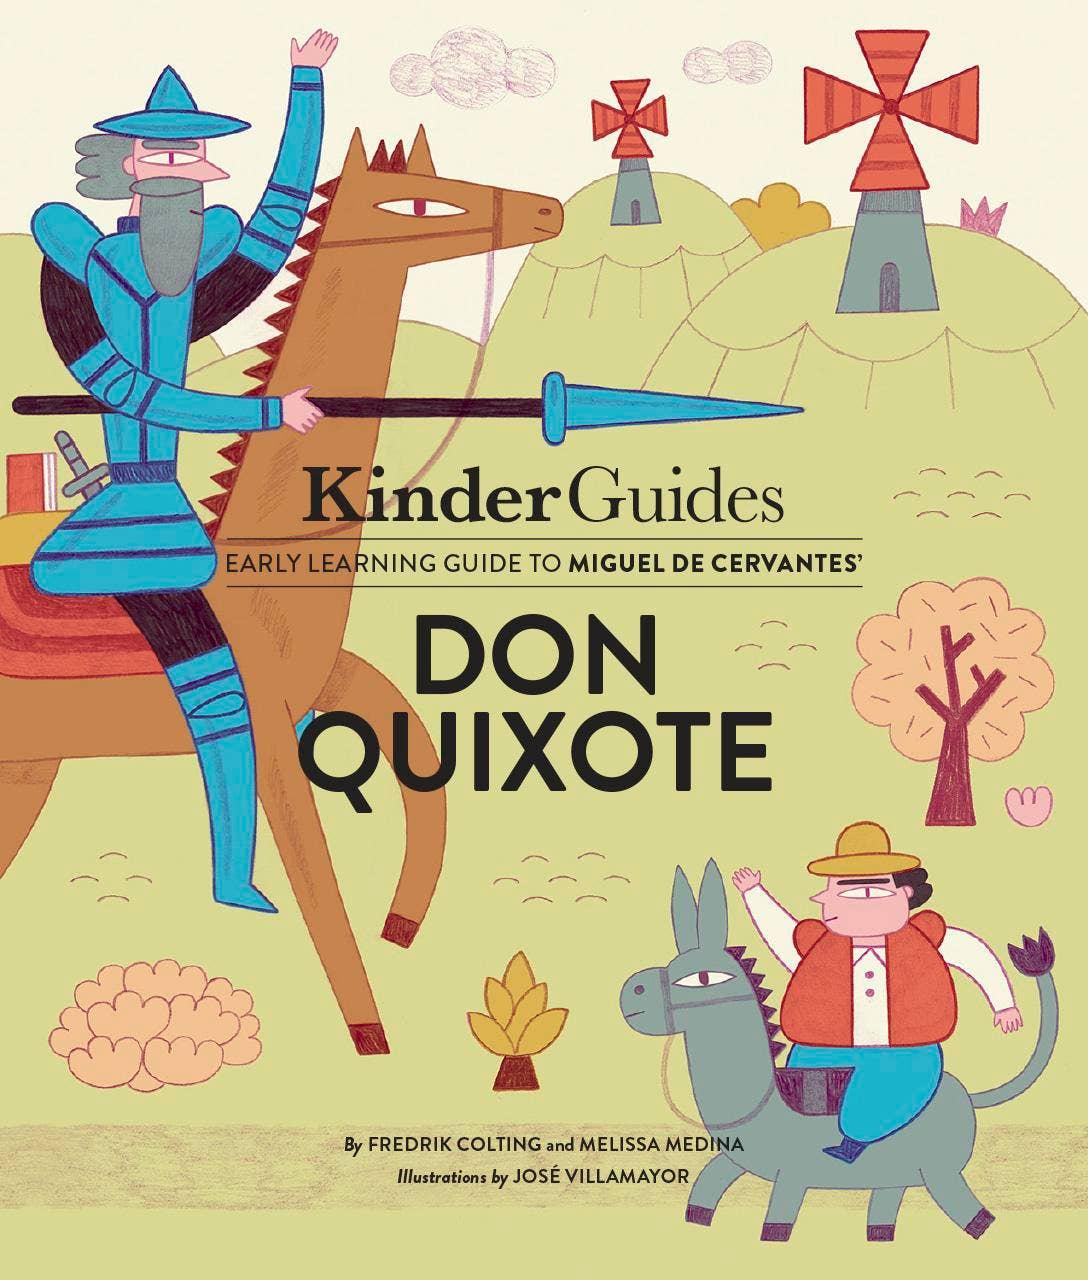 Miguel de Cervantes' Don Quixote